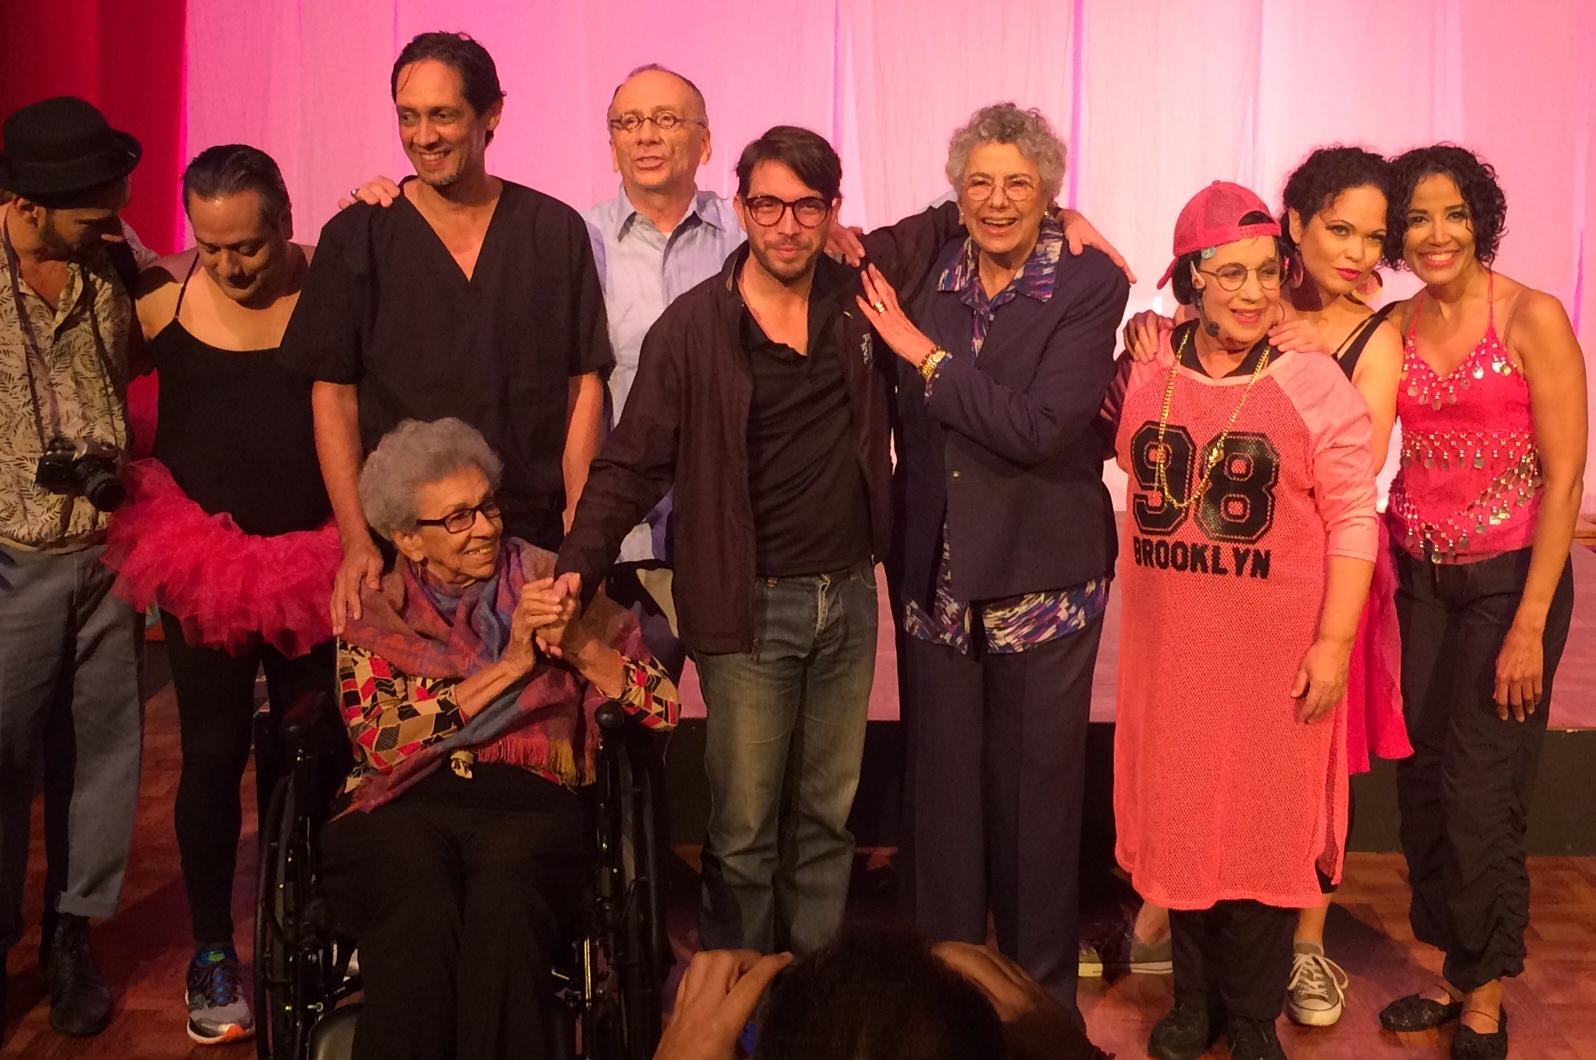 El director de la pieza, al centro, junto a su elenco, Myrna Casas, autora de la obra, y Victoria Espinosa (sentada). (Foto Joselo Arroyo para Fundación Nacional para la Cultura Popular)